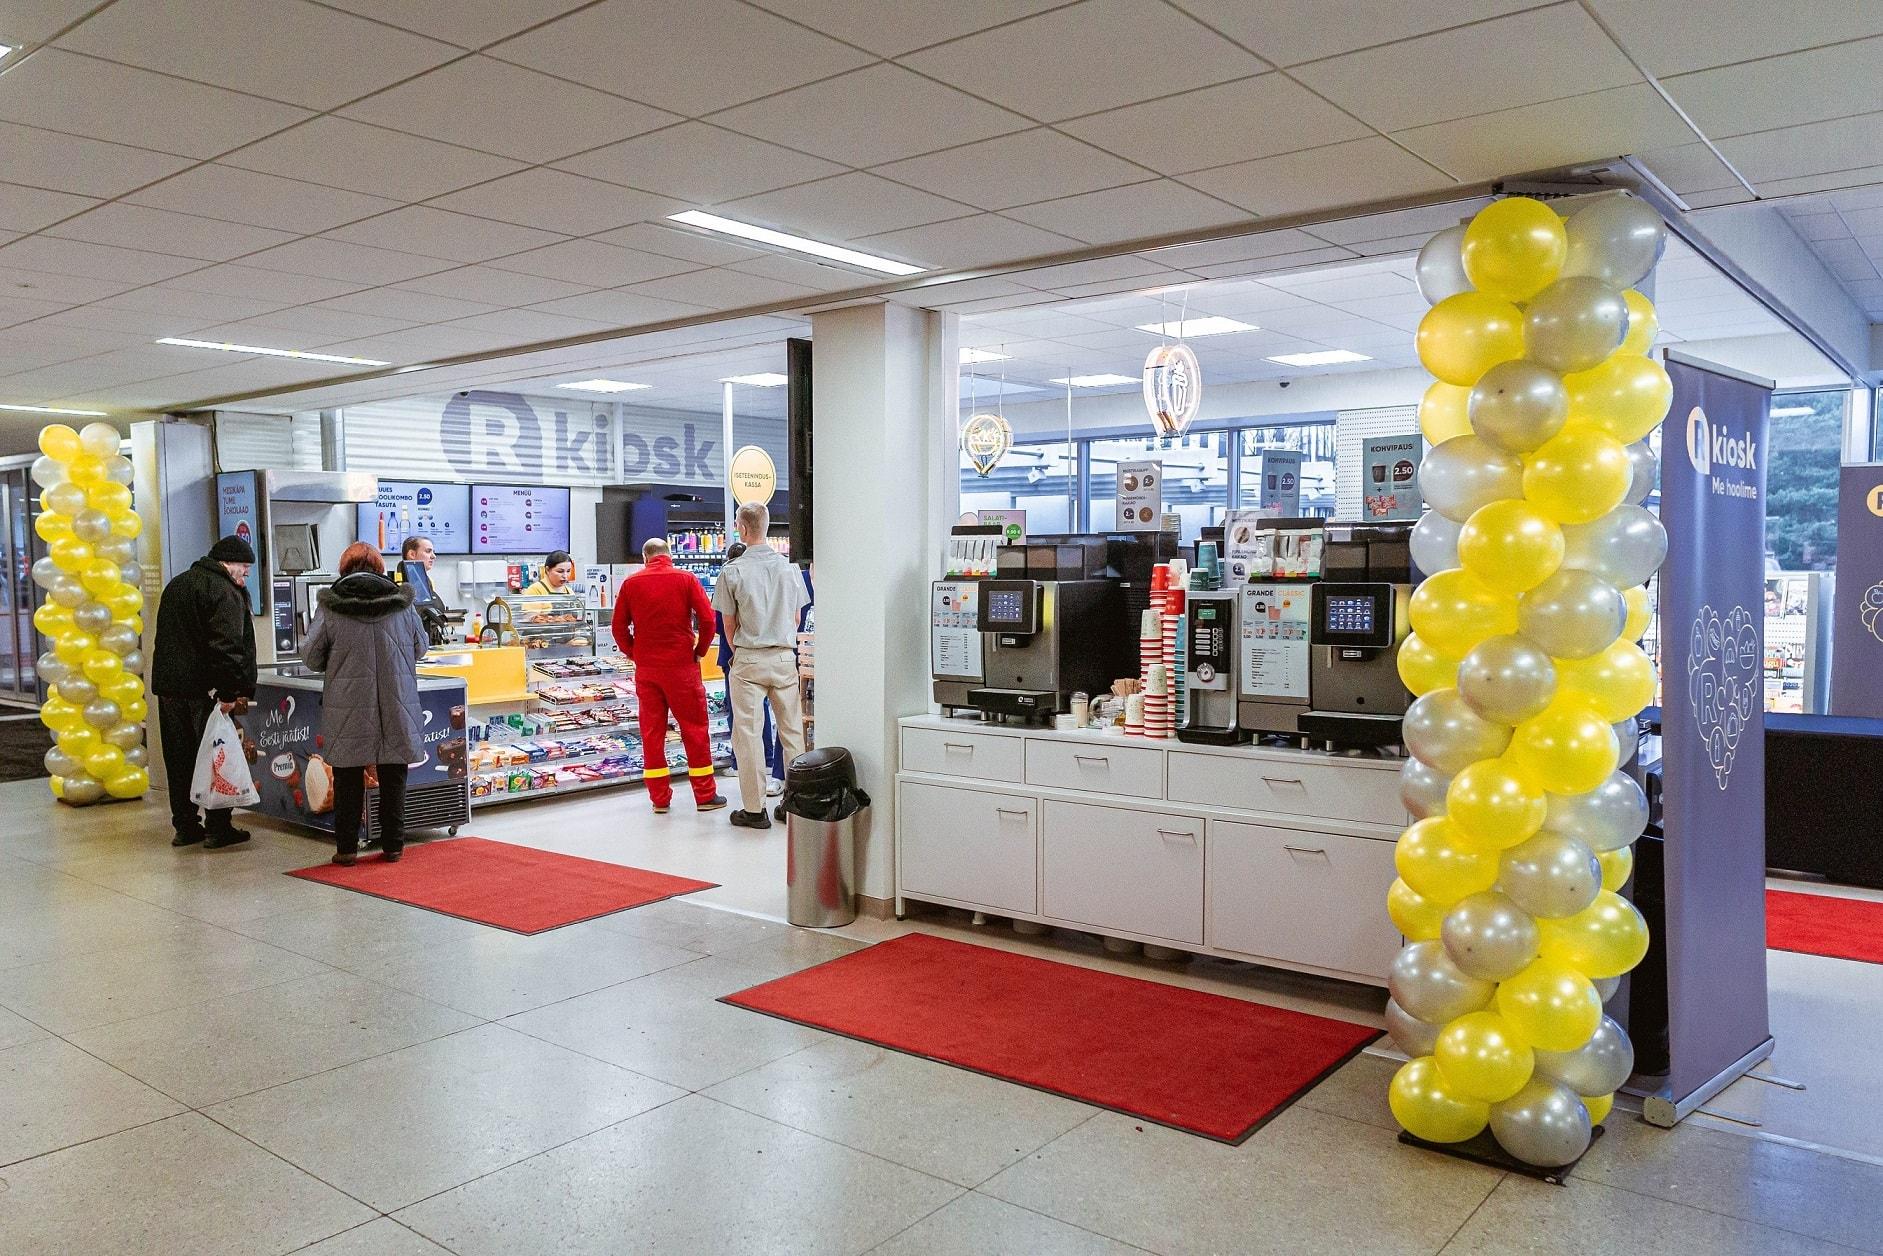 R-Kiosk avas Põhja-Eesti Regionaalhaiglas väikepoe